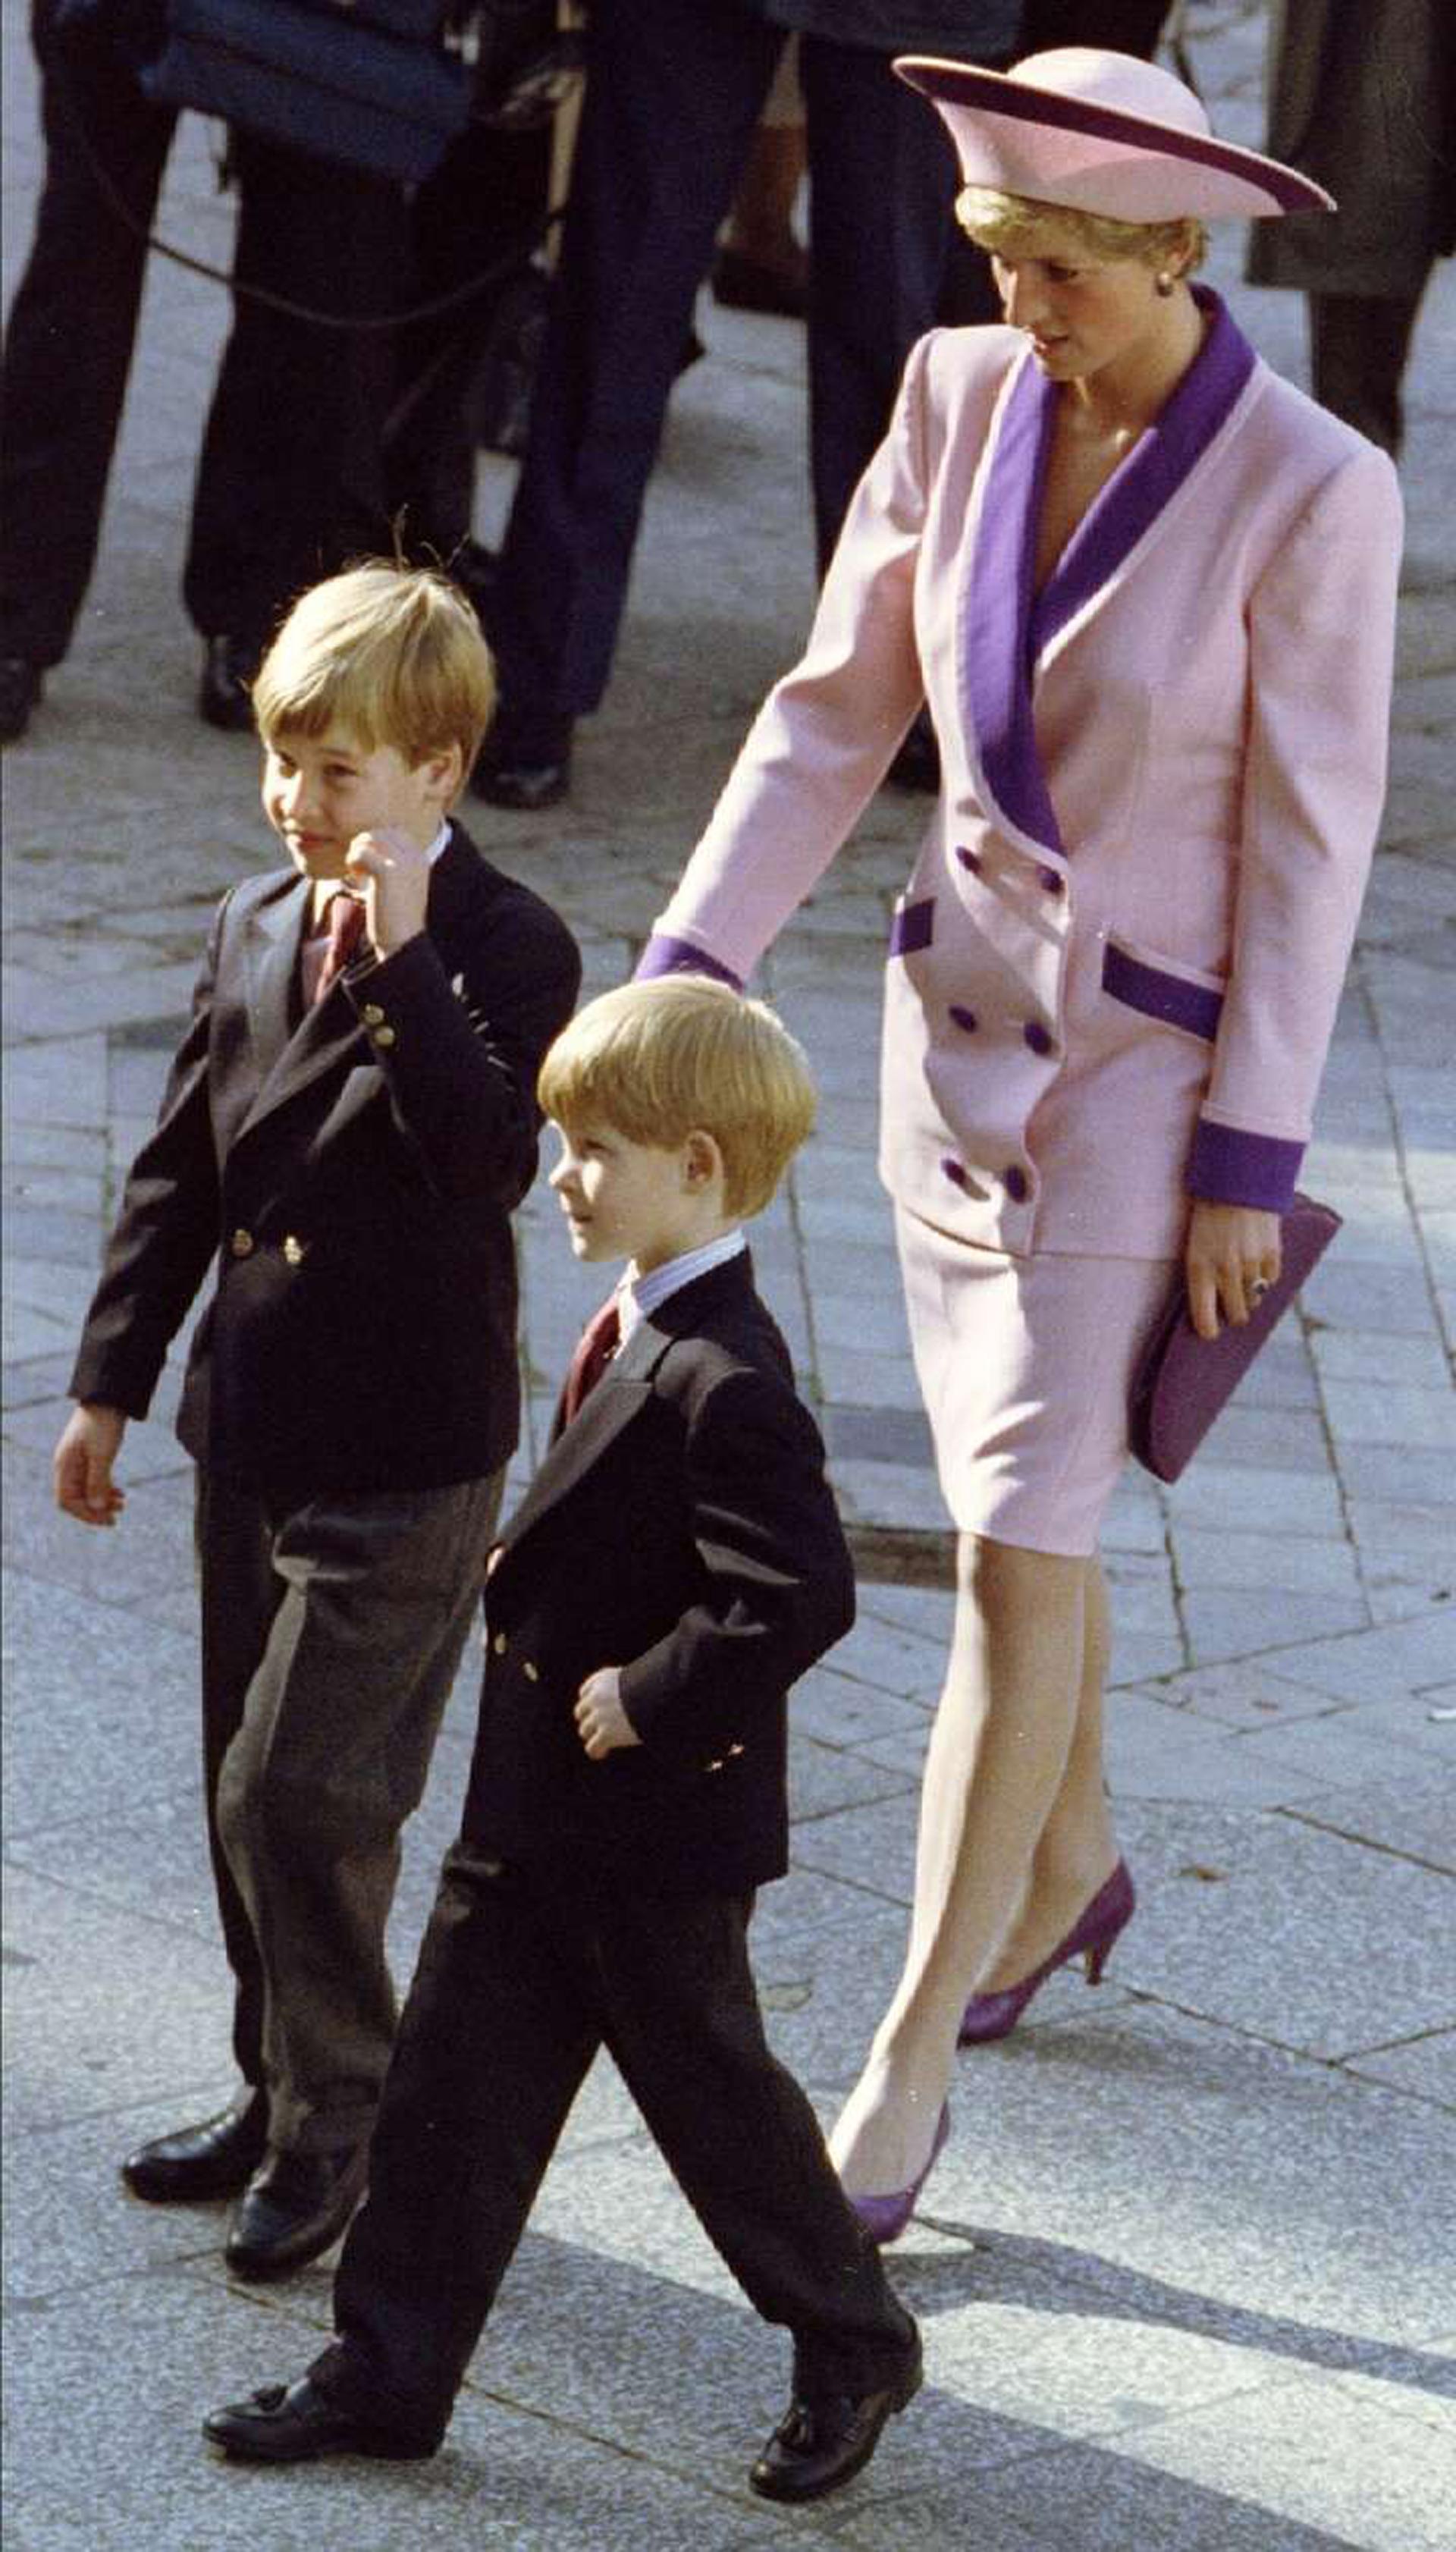 Diana en compañía de sus dos hijos, ambos luciendo trajes con camisa y corbata. Ellacon tallieur en falda y bicolor en rosa pastel y violeta